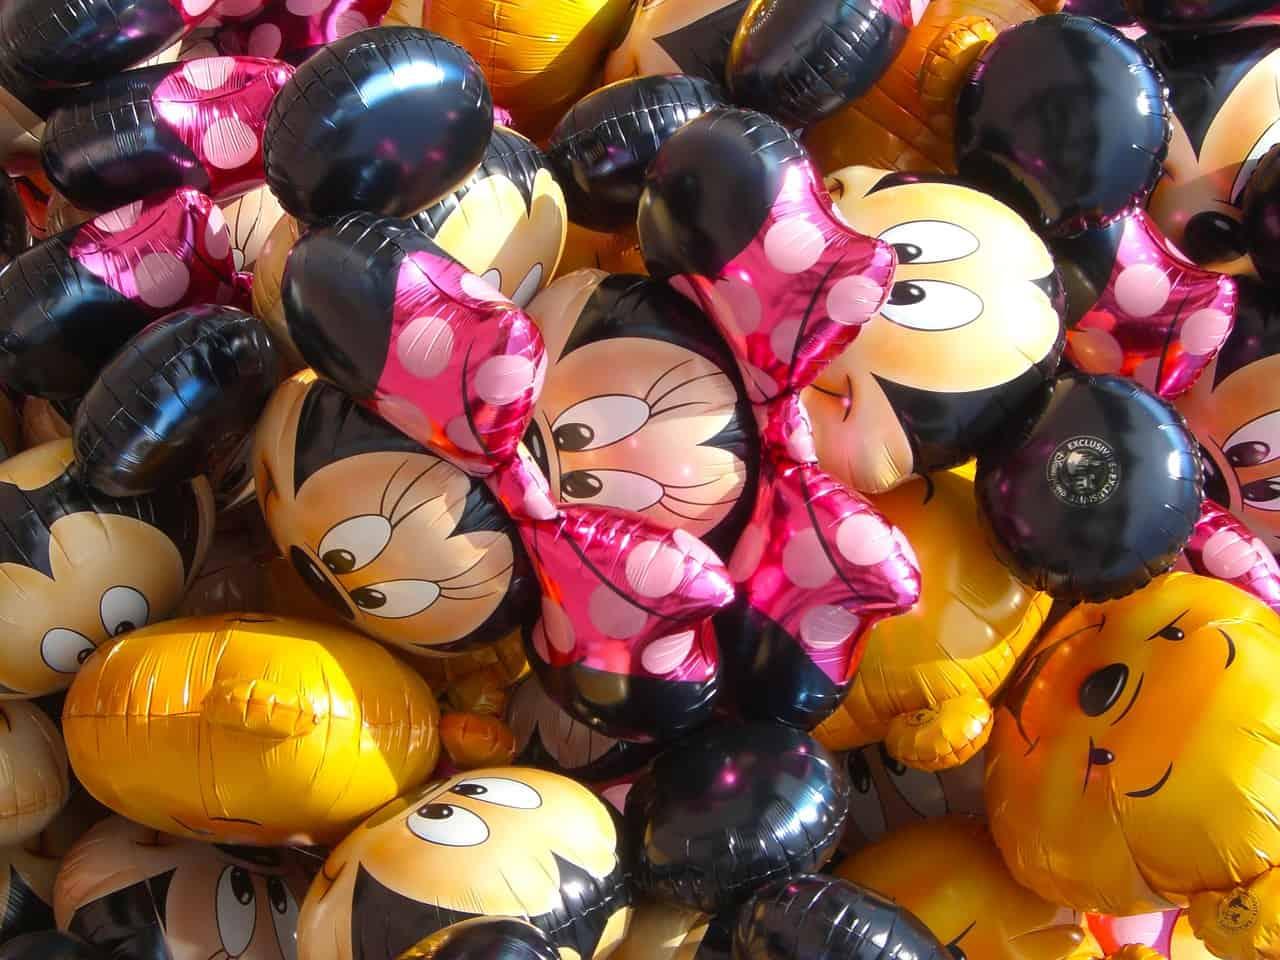 4-1 ฮ่องกงดิสนีย์แลนด์ Hongkong Disneyland (Cr.disney-1788300_1280)